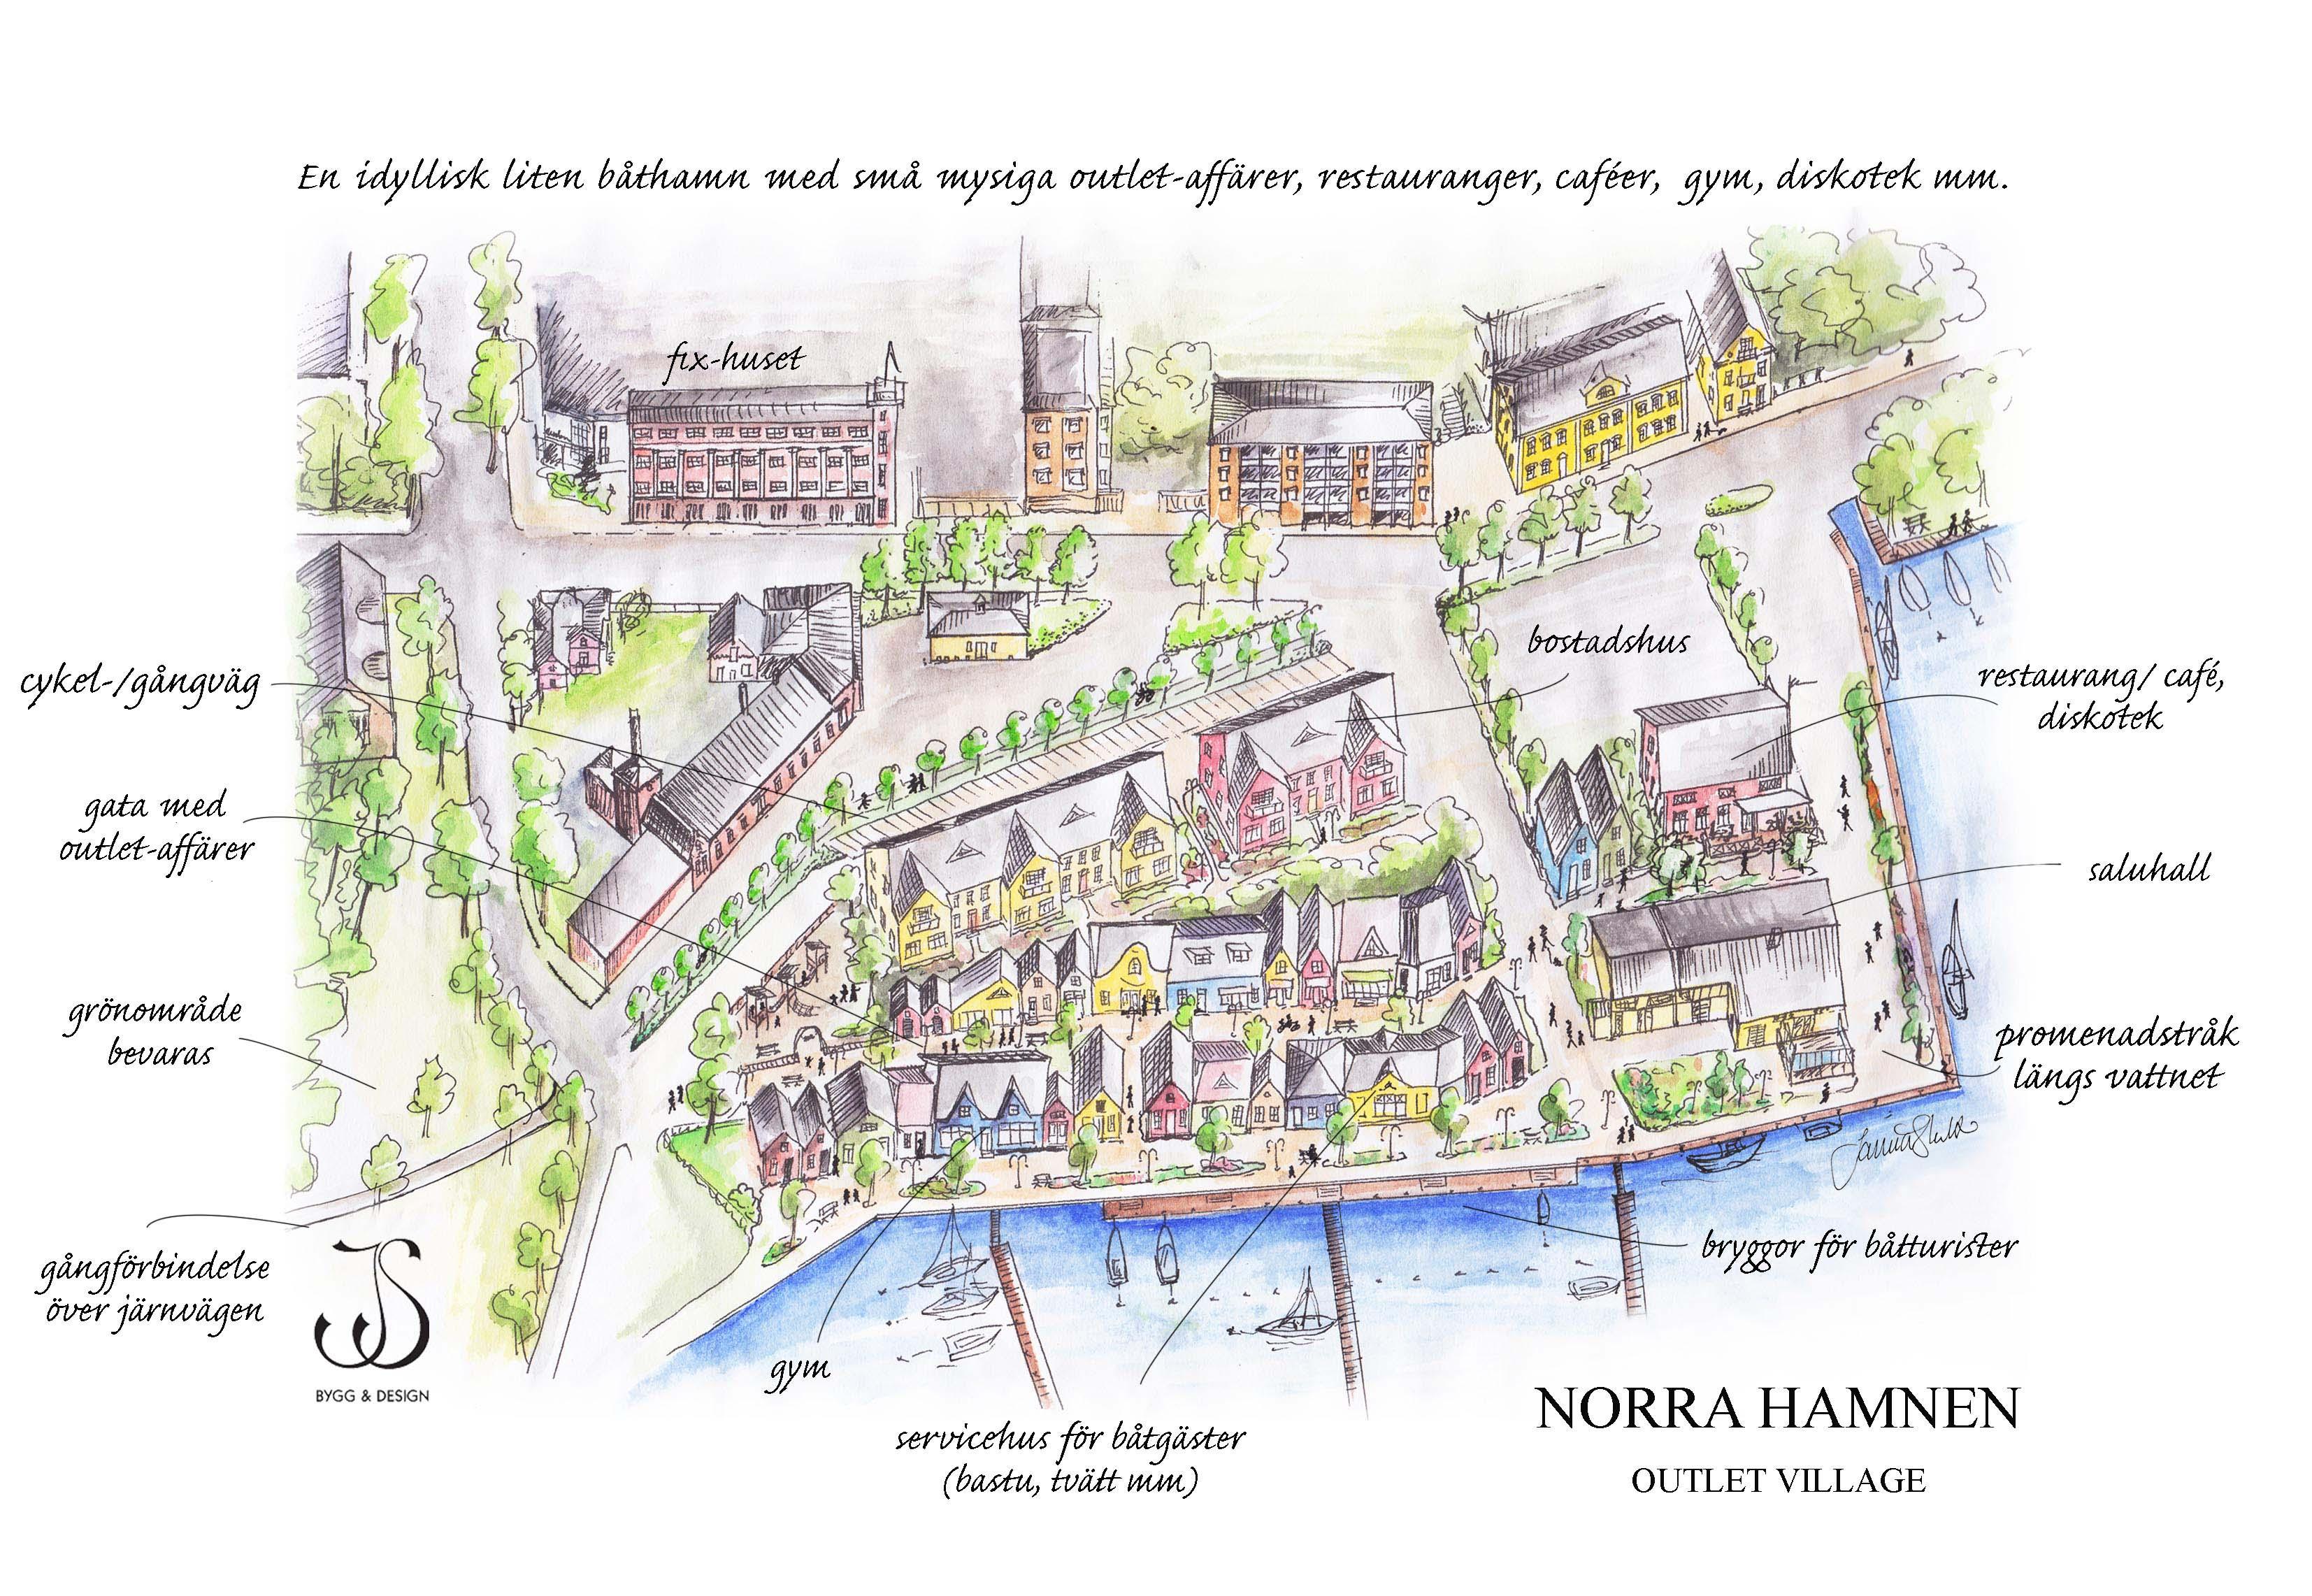 Outlet village_Norra hamnen 2013